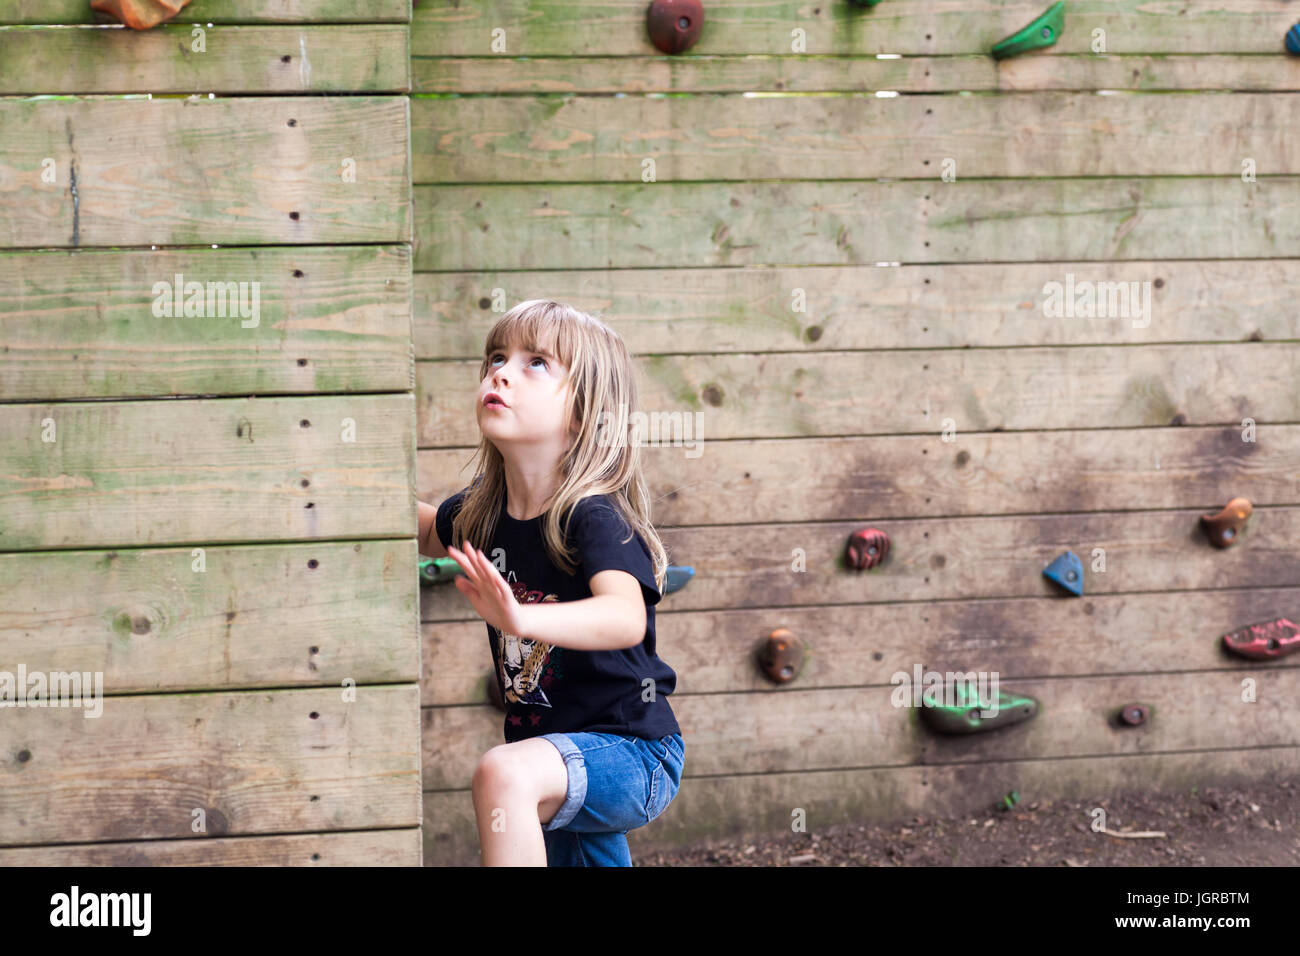 Niña empieza a subir por una pared de escalada de madera. Lindo niño con estilo de vida activo físico Imagen De Stock